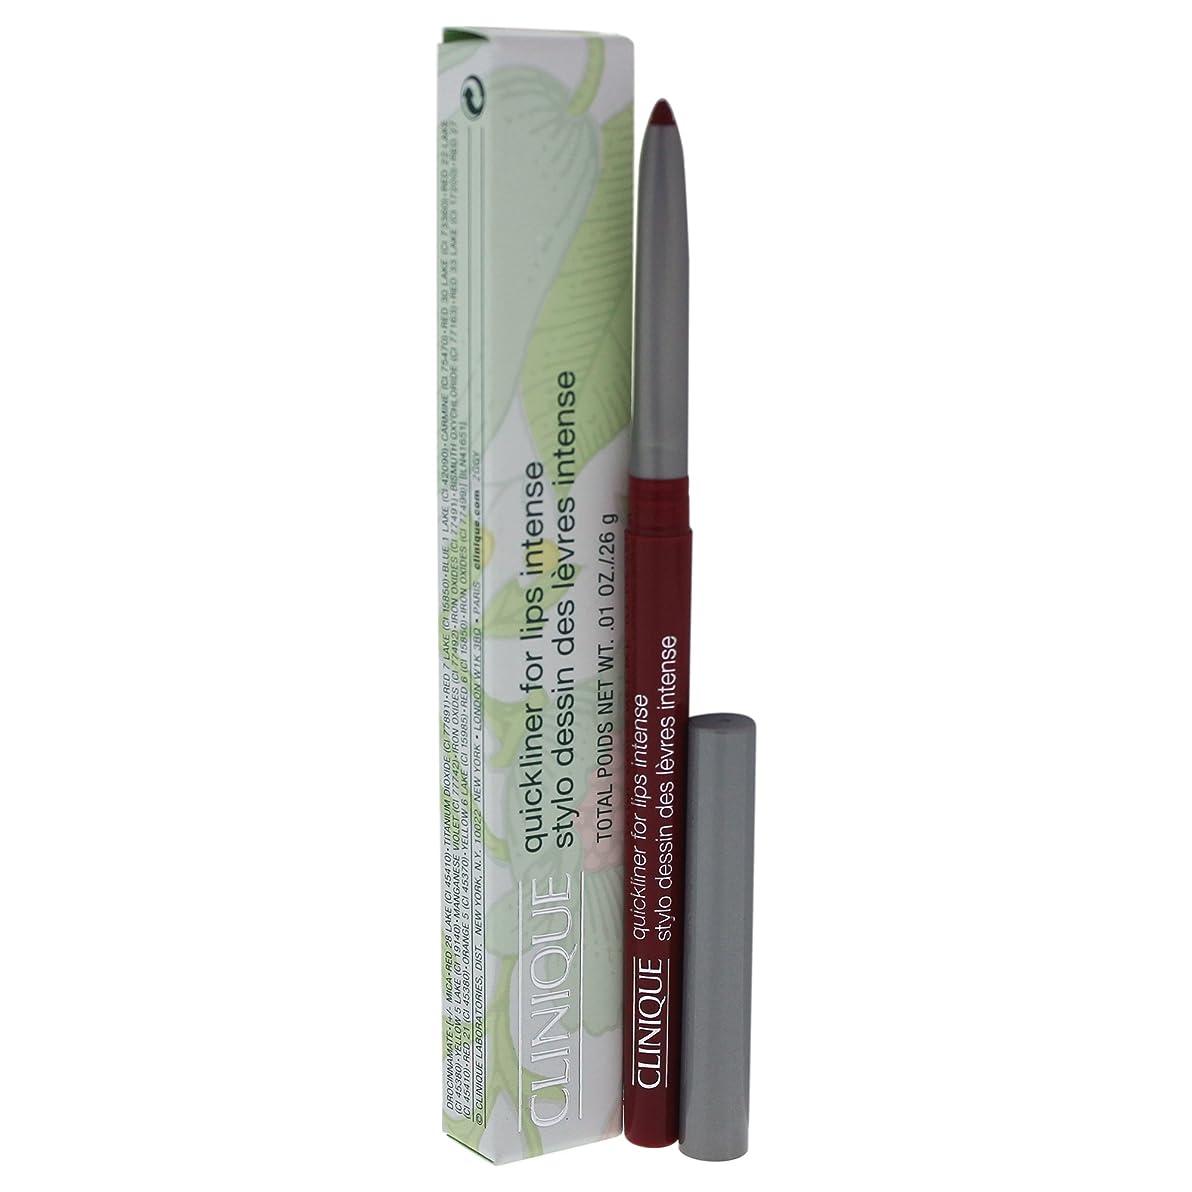 示す返還硫黄クリニーク Quickliner For Lips Intense - #06 Intense Cranberry 0.26g/0.01oz並行輸入品